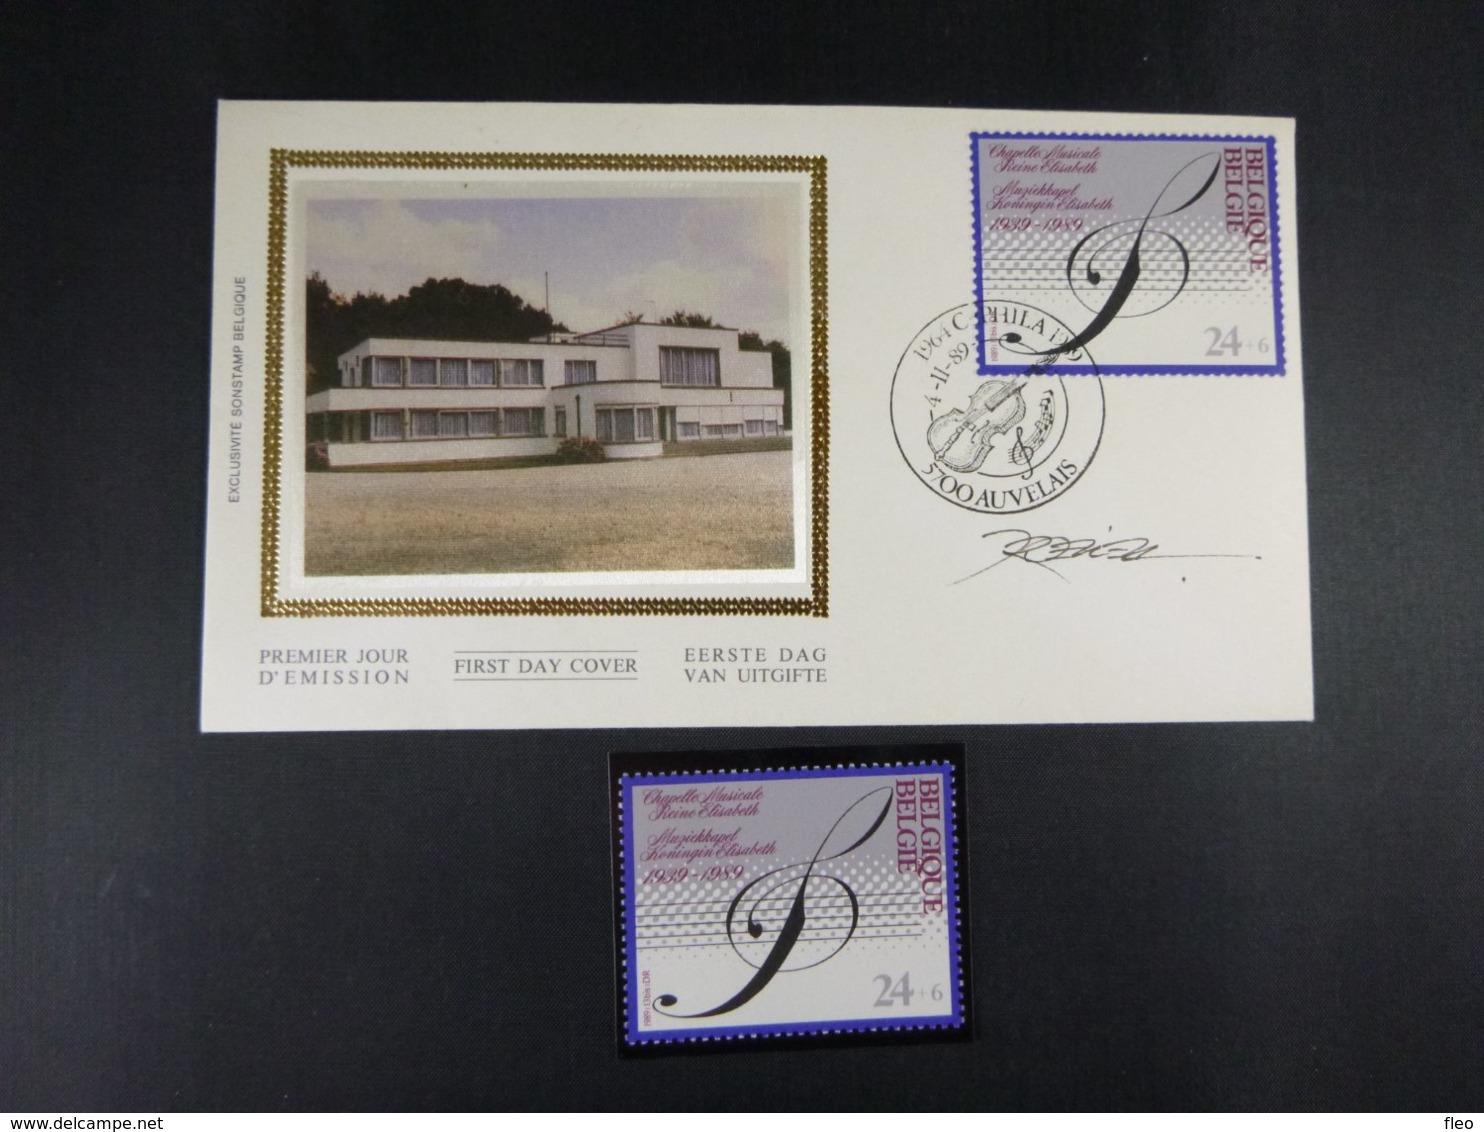 BELG.1989 2344 FDC Soie/zijde (Auvelais) & Signature Désiré Roegiest & 2344** : Muziekkapel/chapelle Musicale Elisabeth - 1981-90